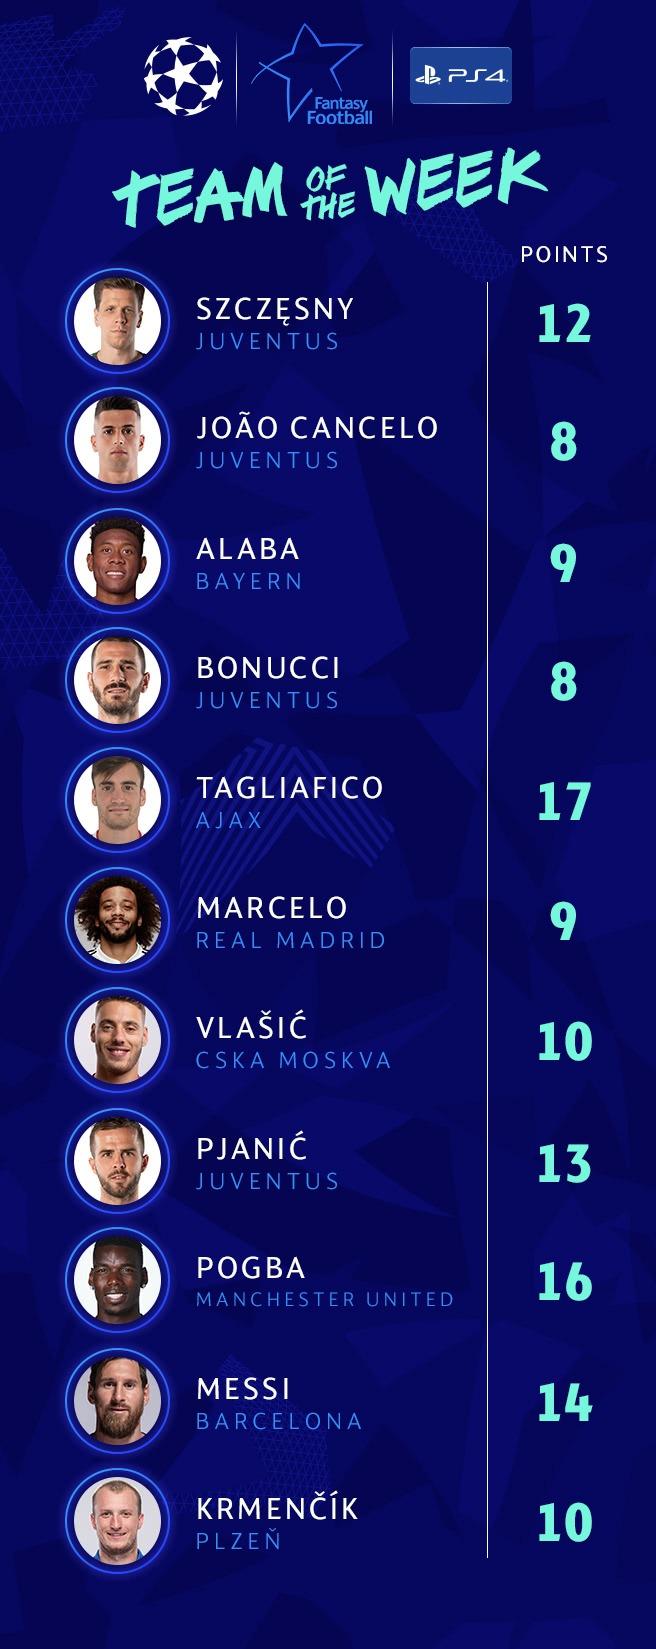 热议,欧冠周最佳阵容:梅西领衔,利物浦无